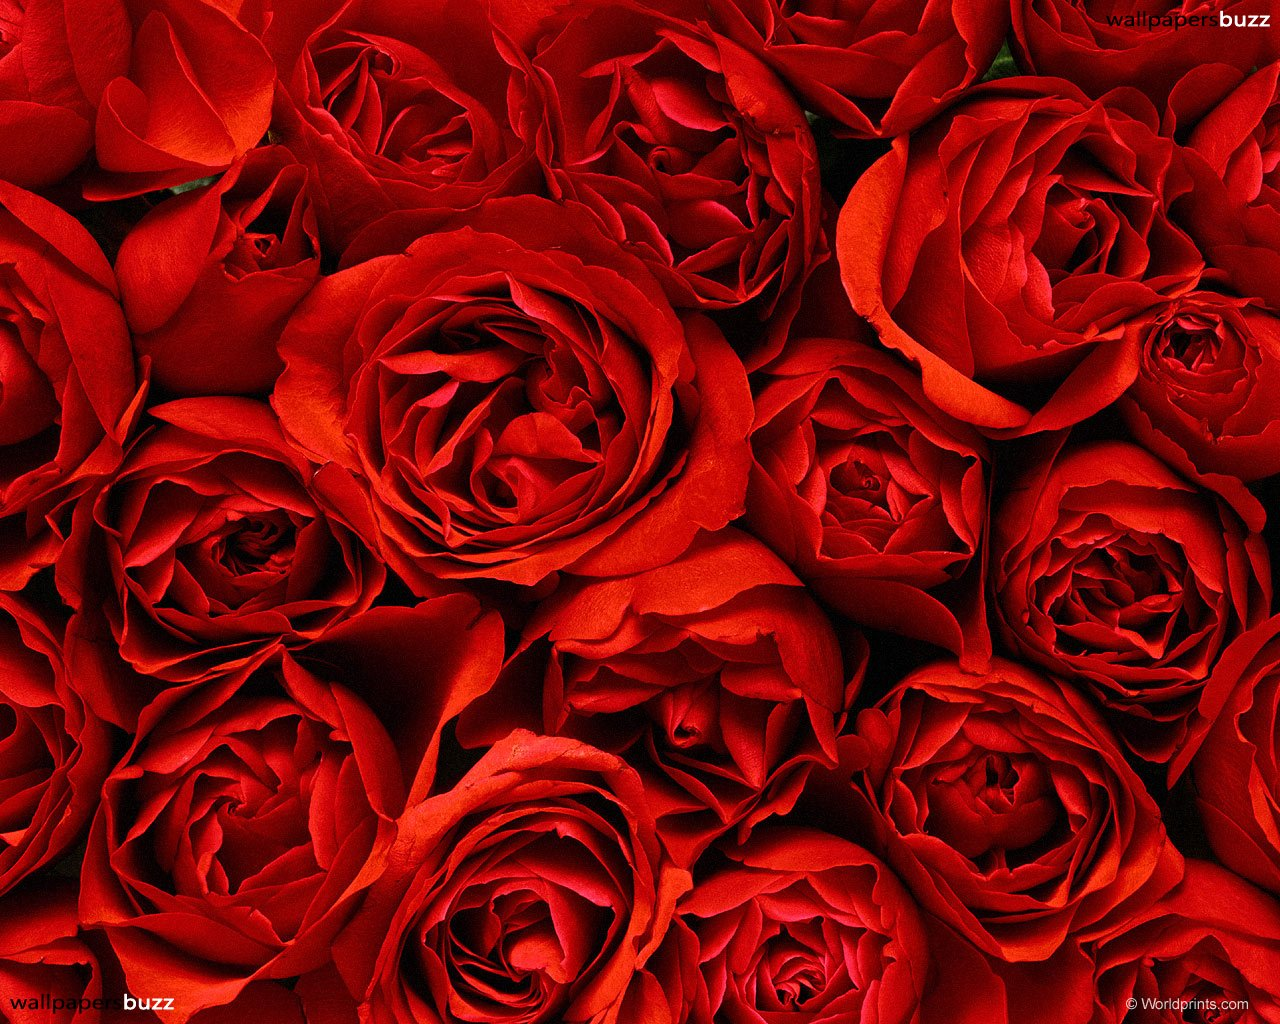 صور ورد جميلة حمراء و ورود متحركة وخلفيات جميلة لكل من يحب صور